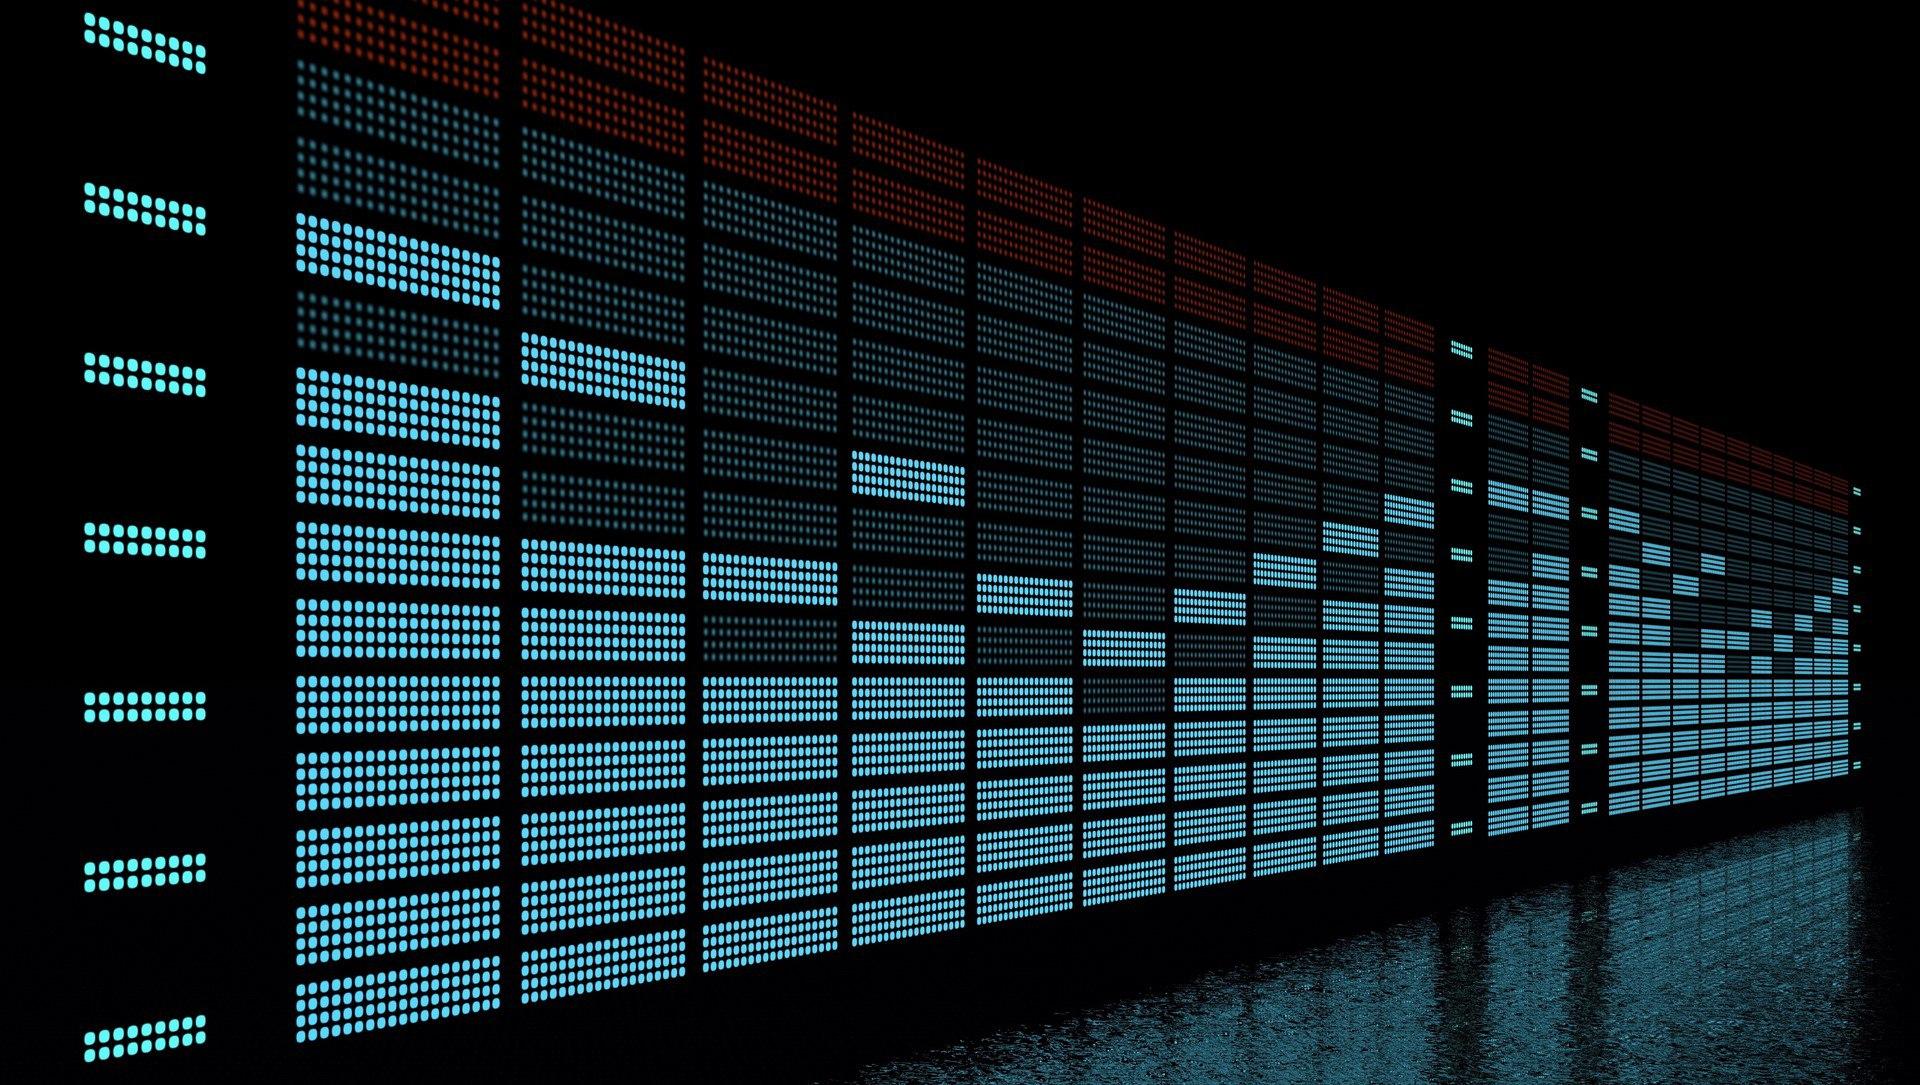 Эквалайзер скачать бесплатно на компьютер